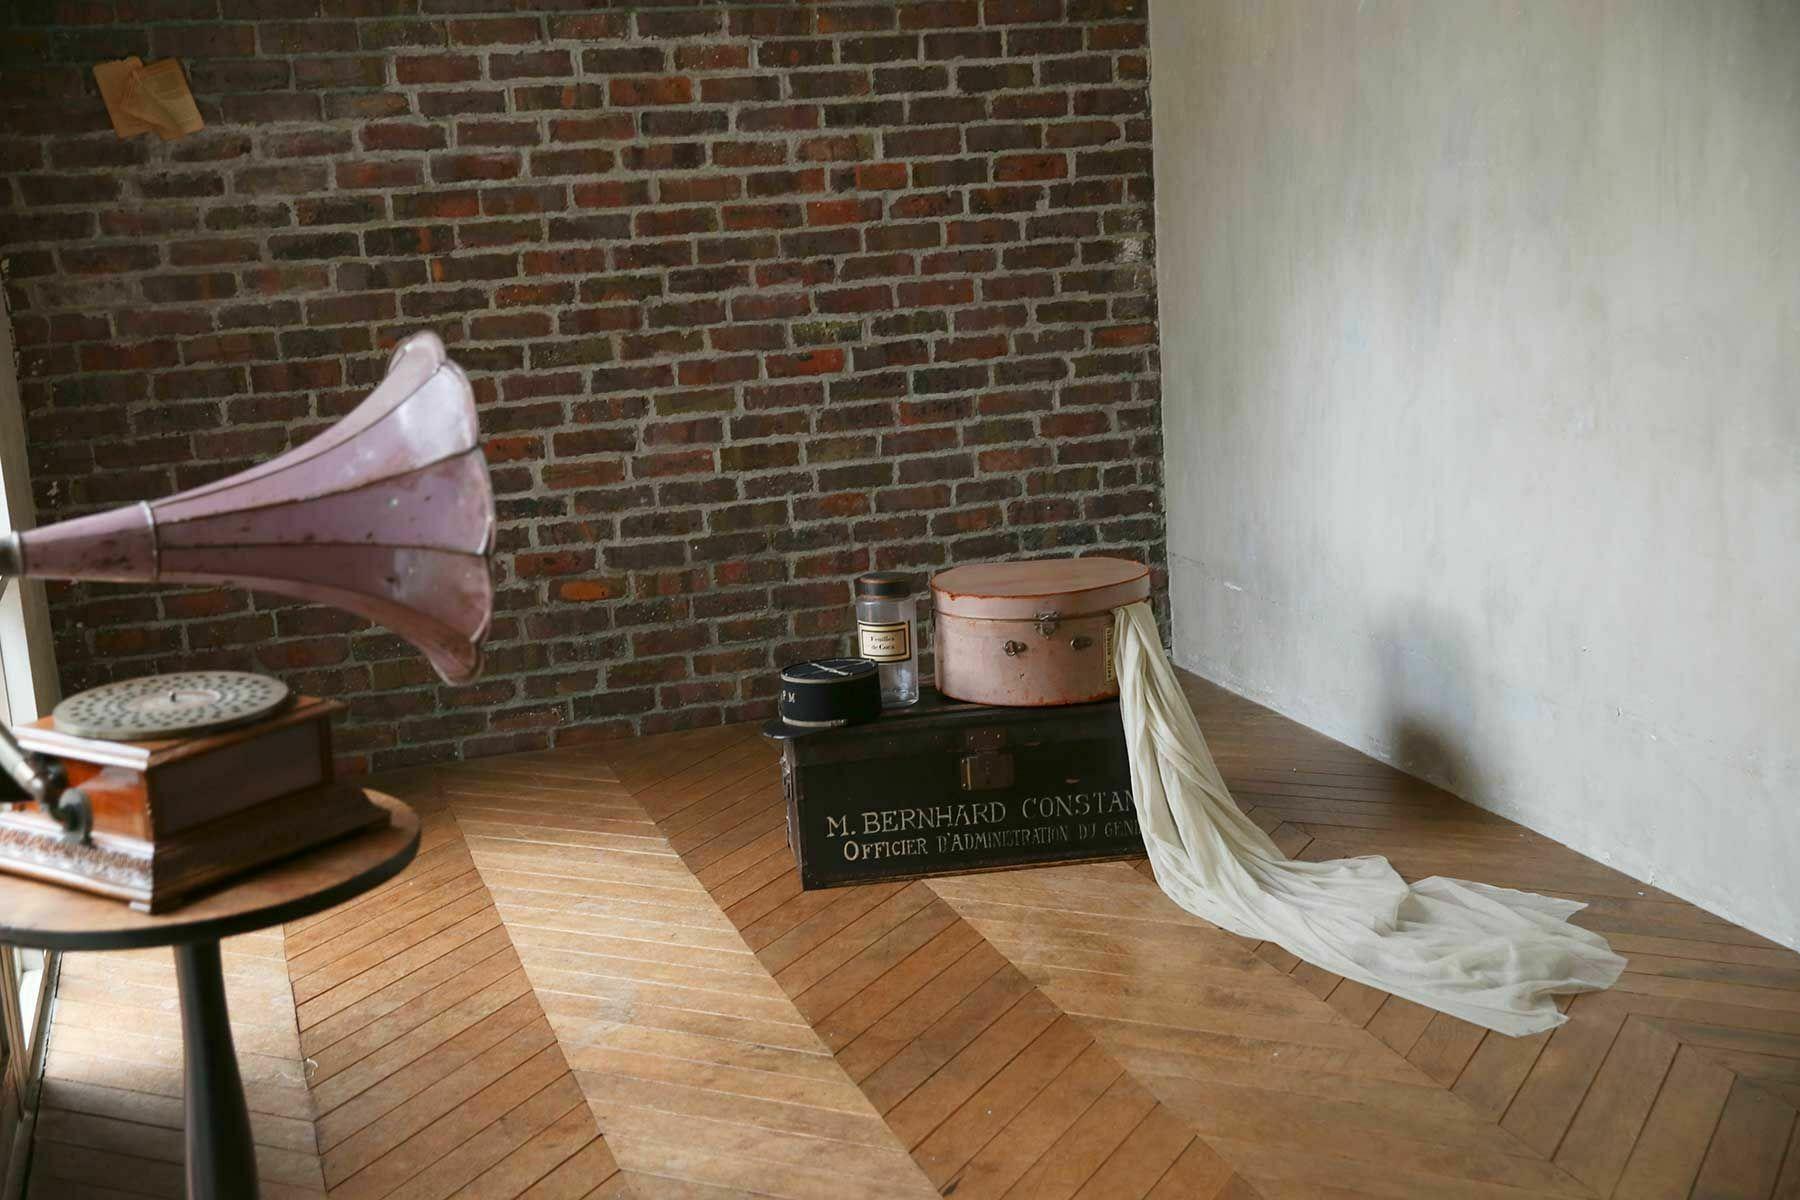 スタジオQue目黒碑文谷 (スタジオキュー)1F 中央モールディング部屋